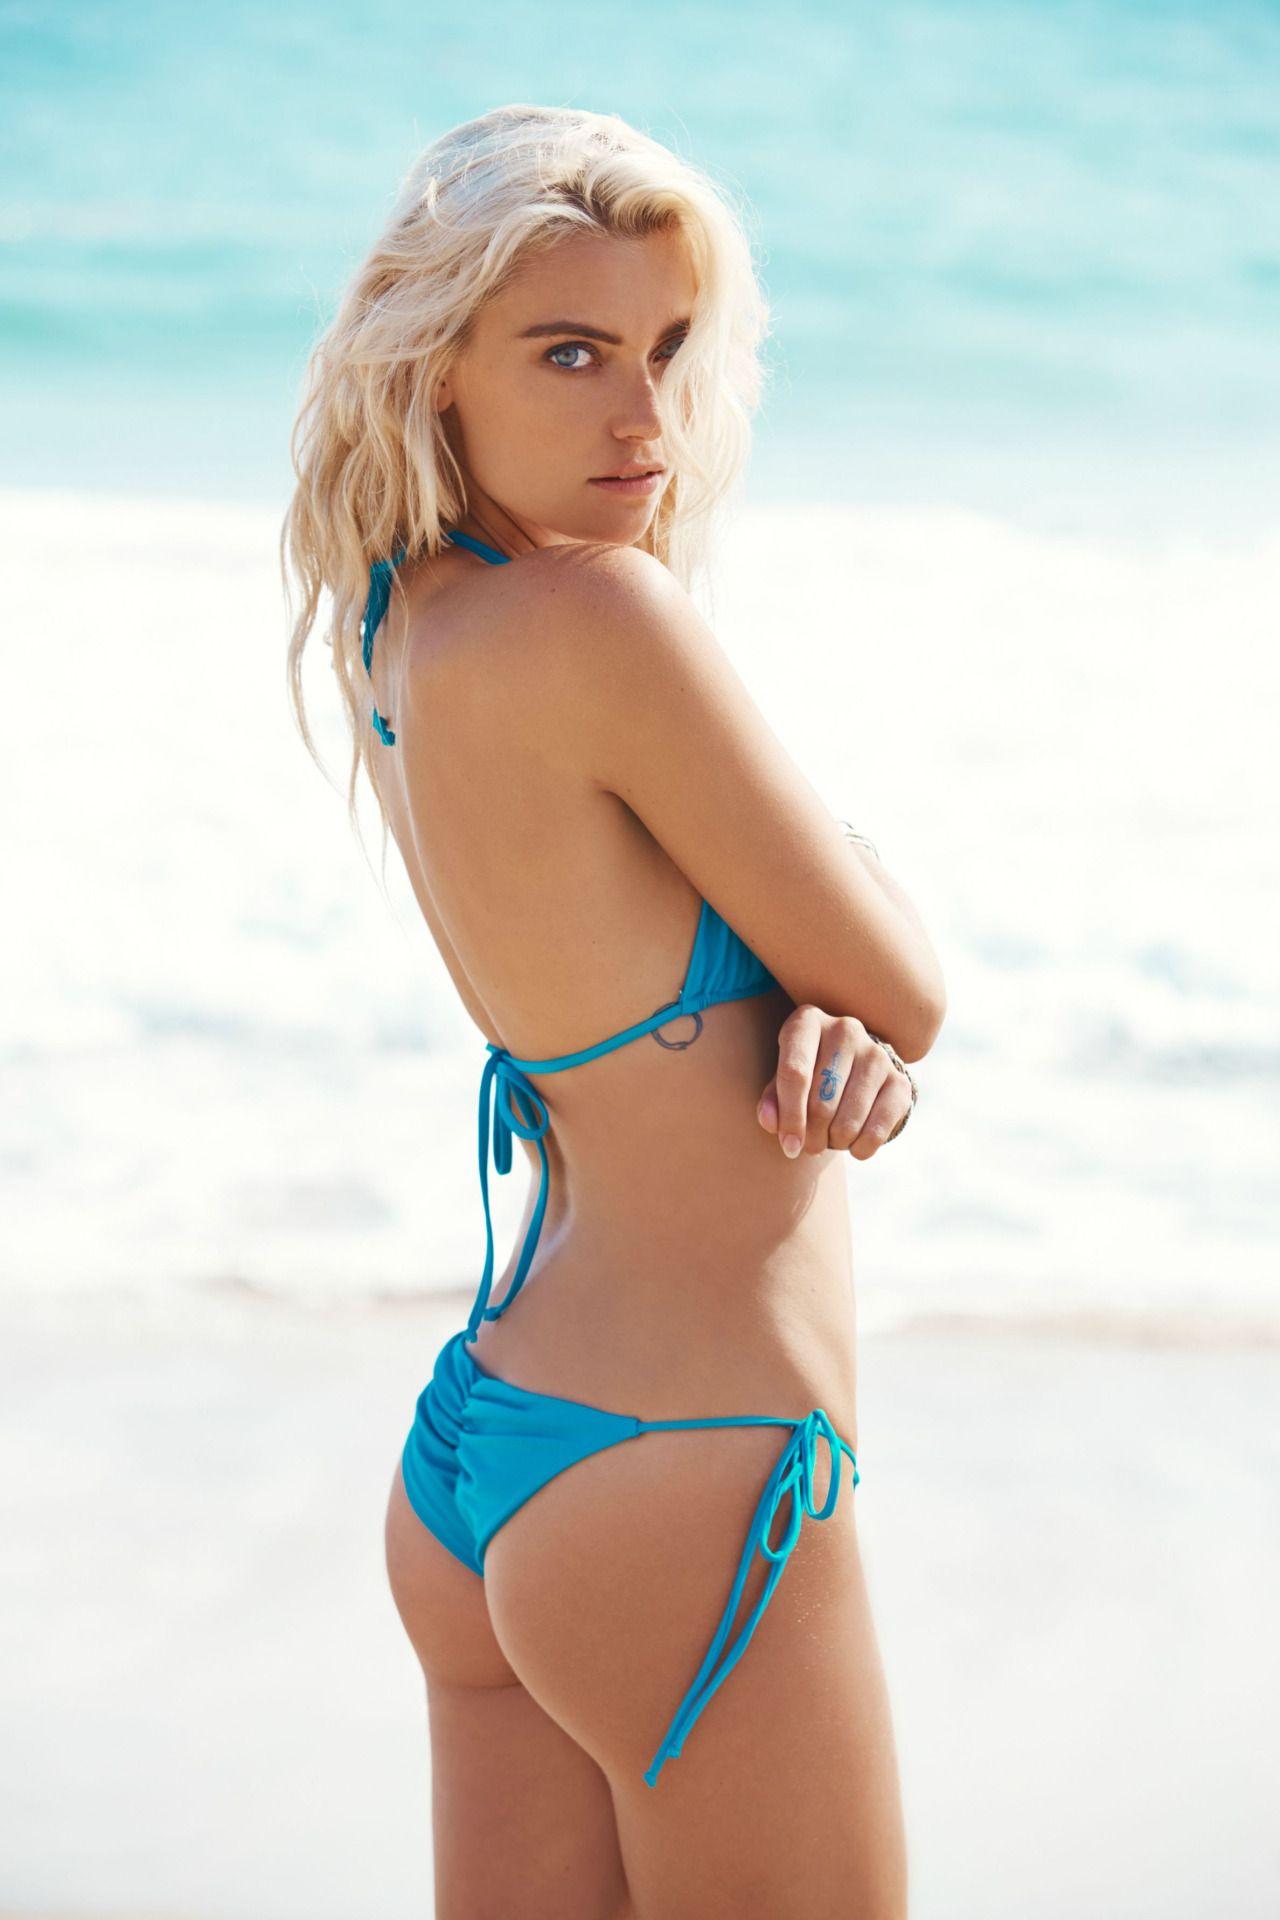 Hot Farah Holt nude photos 2019